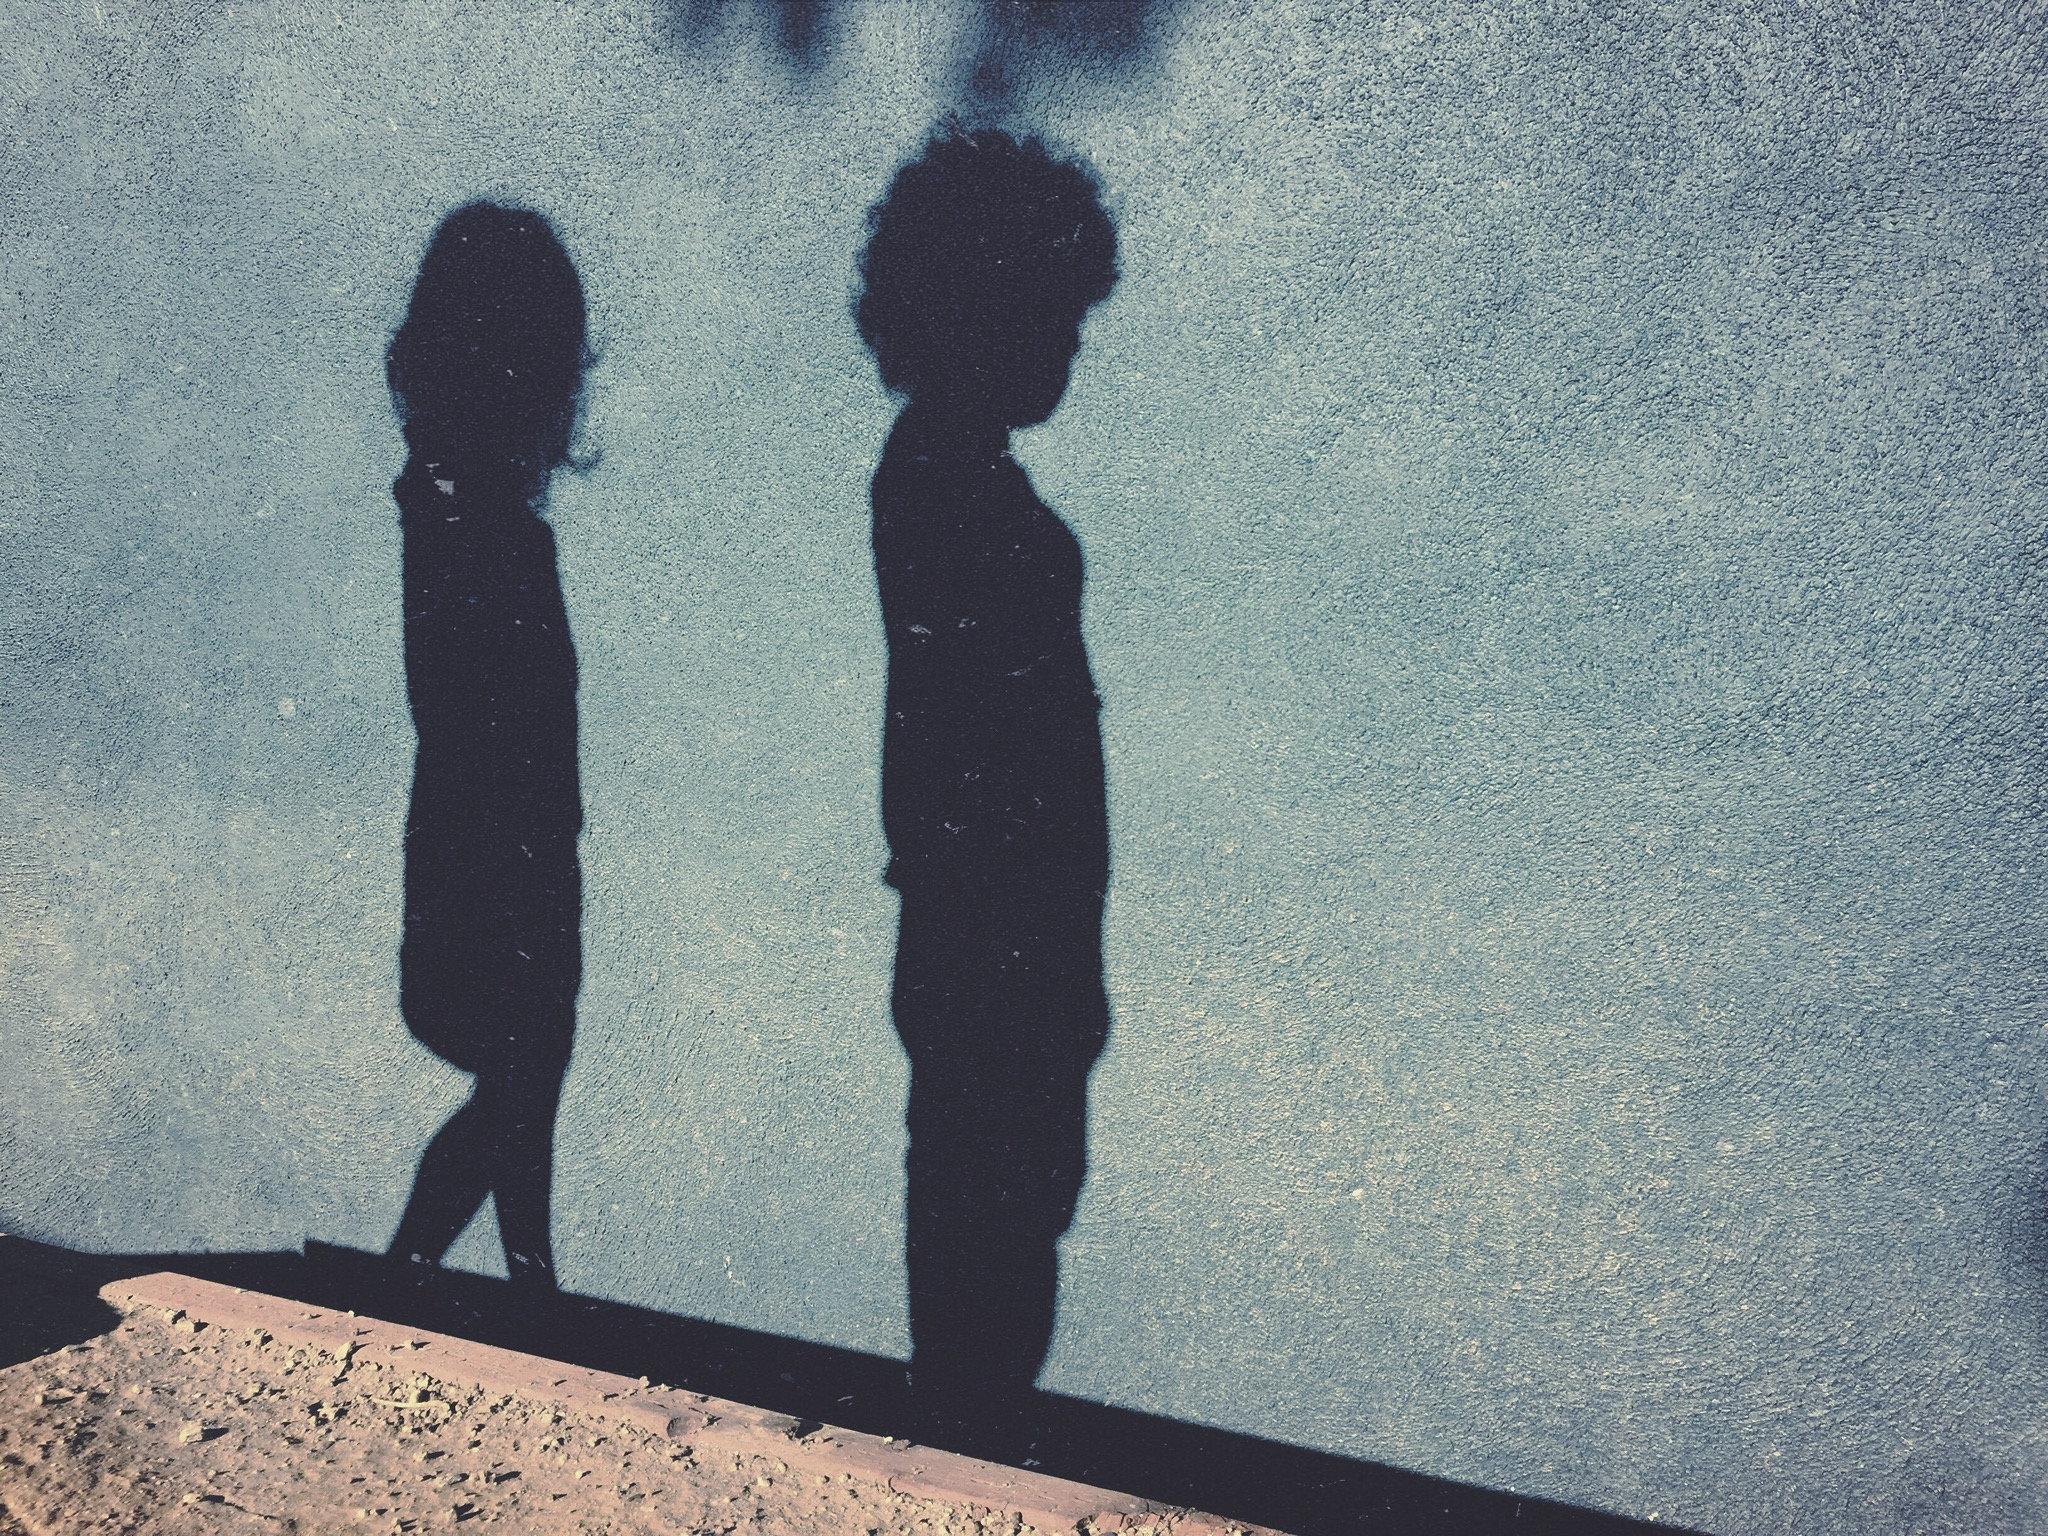 Απαγωγές: Πώς να τις αποφύγουμε, πώς να συμβουλεύσουμε τα